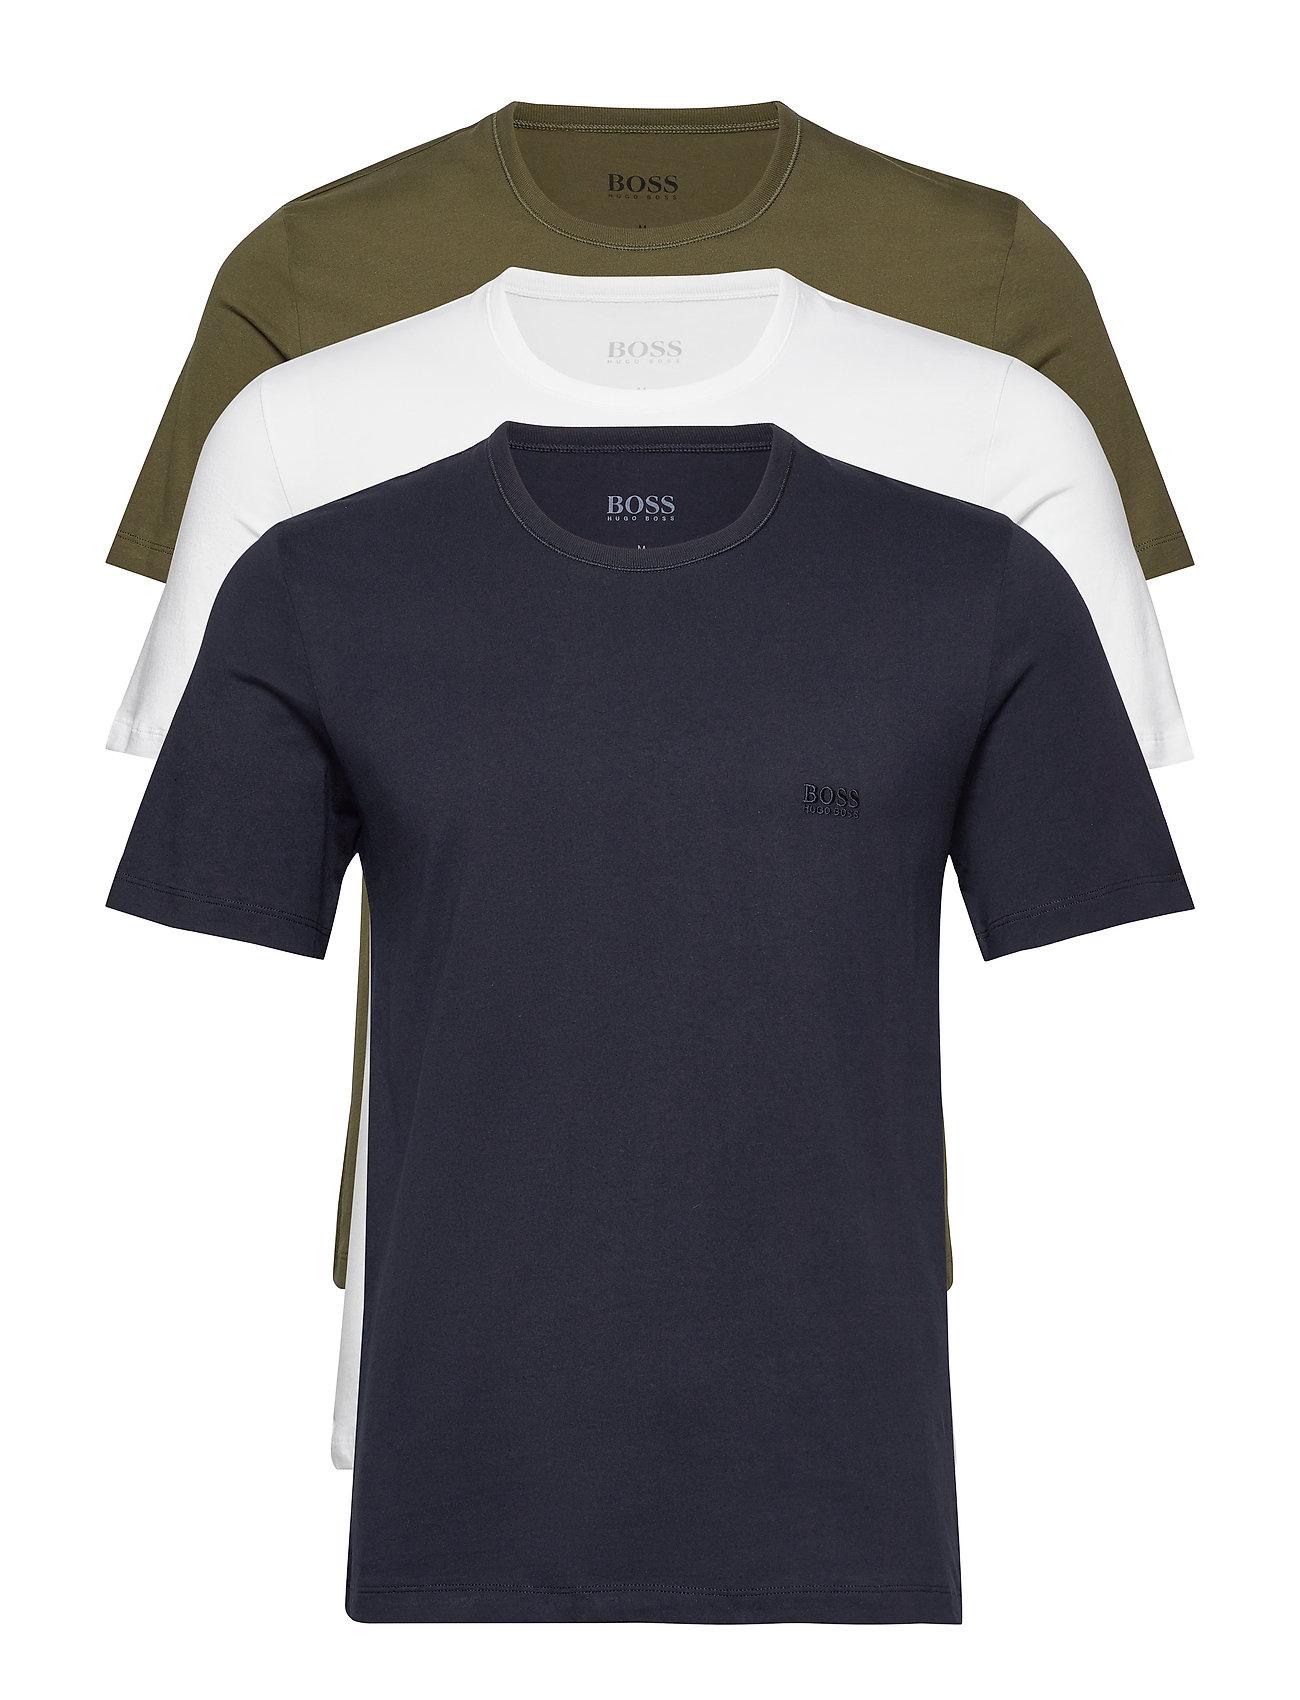 BOSS Business T-Shirt RN 3P CO - OPEN GREEN